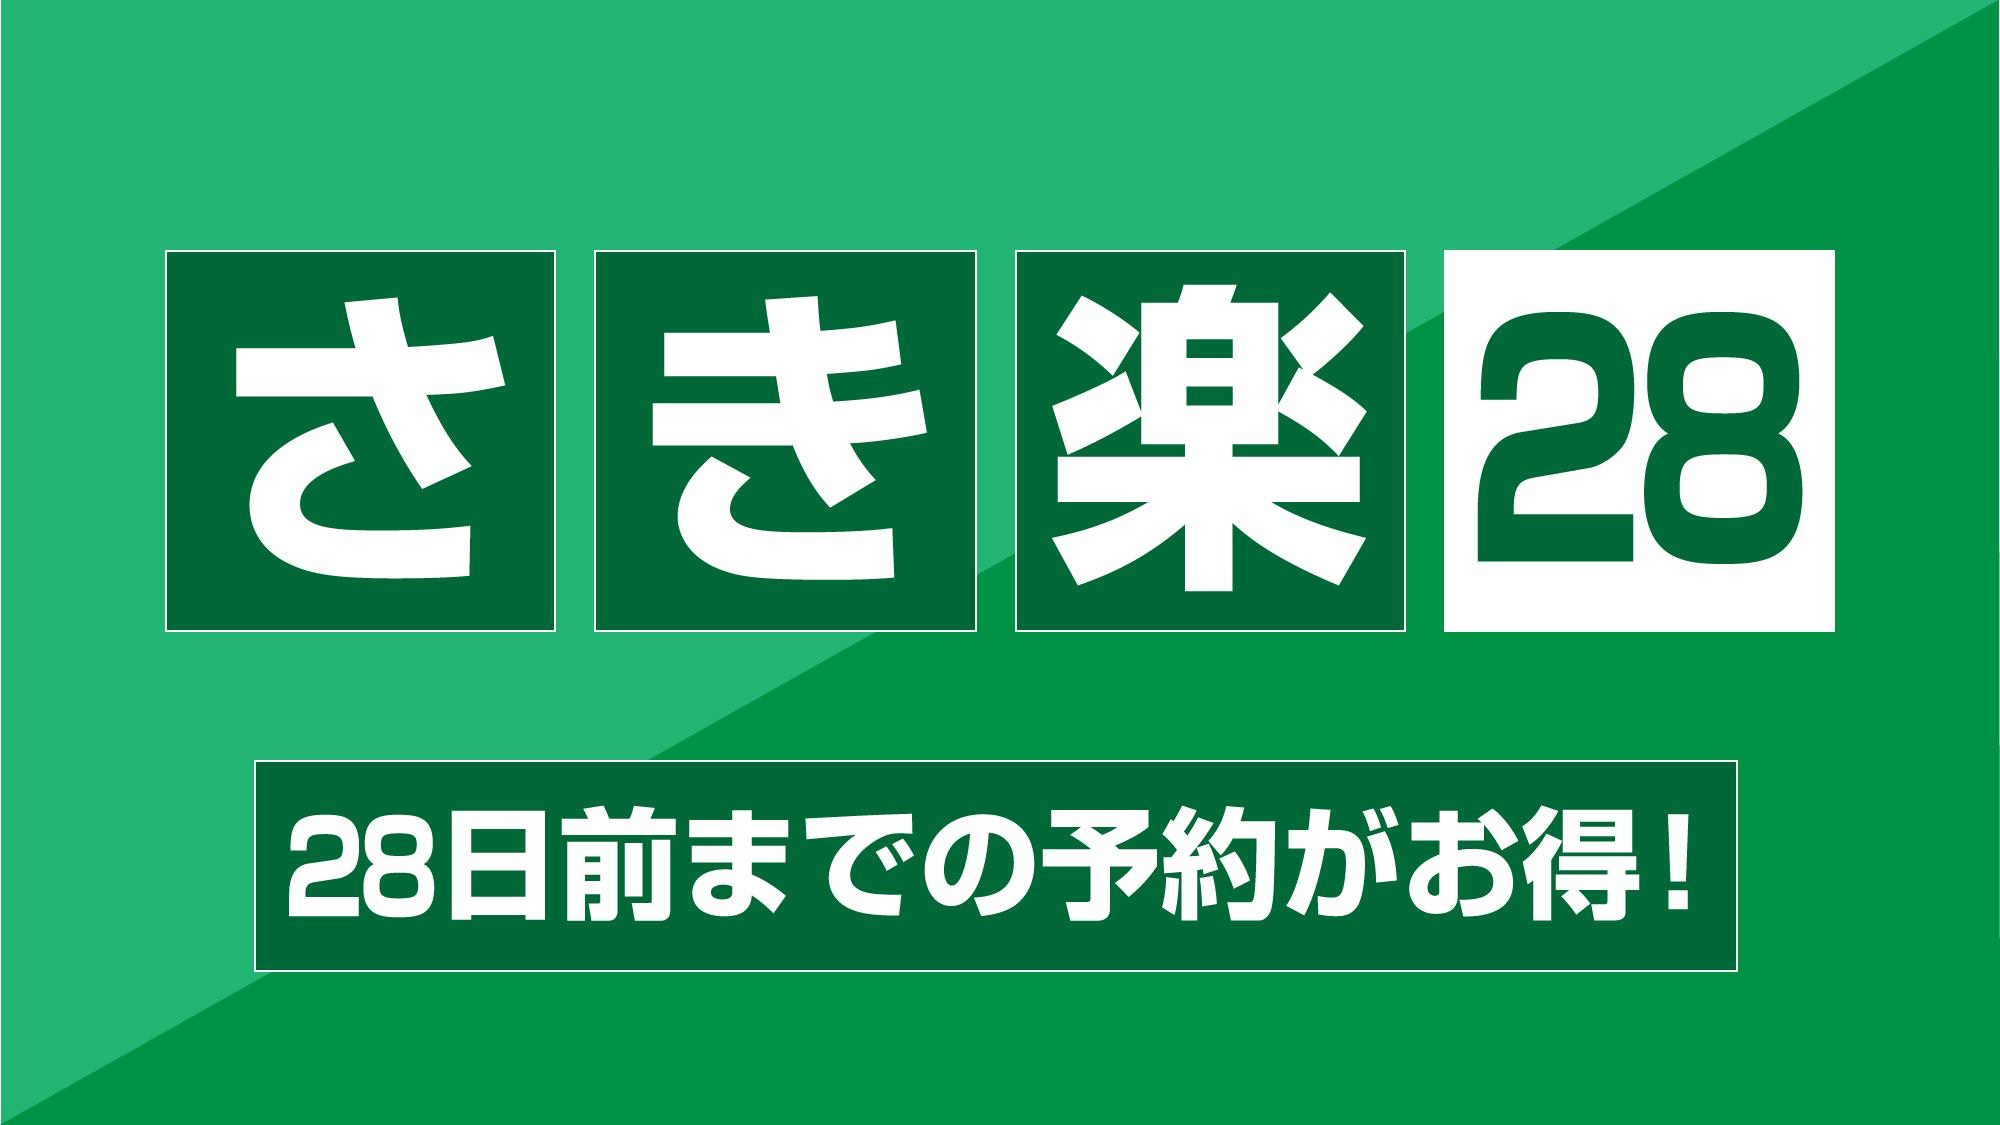 ★21日前予約限定★21日前の予約がとってもお得!!